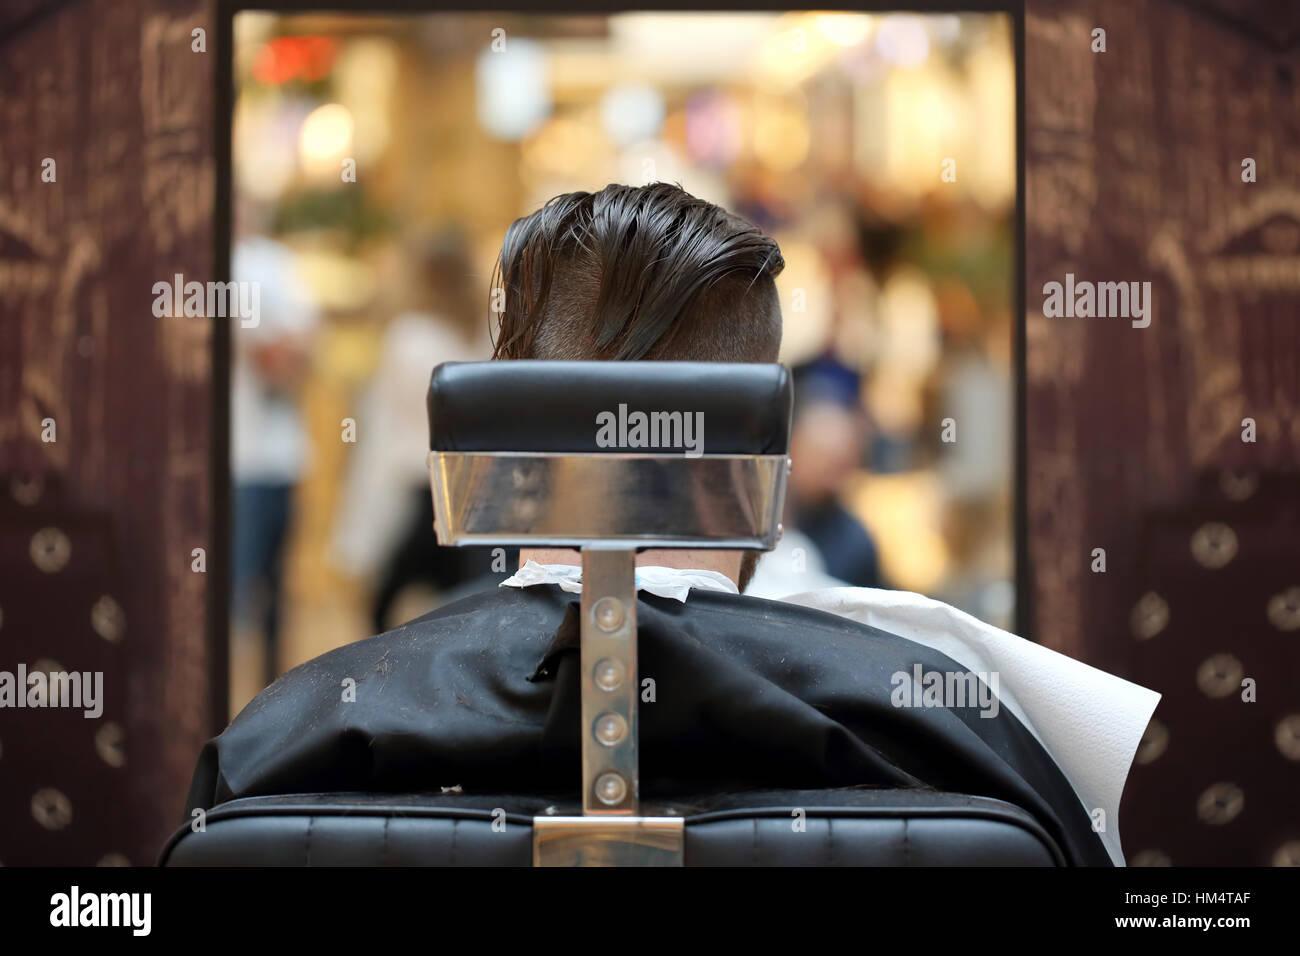 Der Client In Der Friseur Salon Auf Einem Stuhl Sitzend Stockfoto